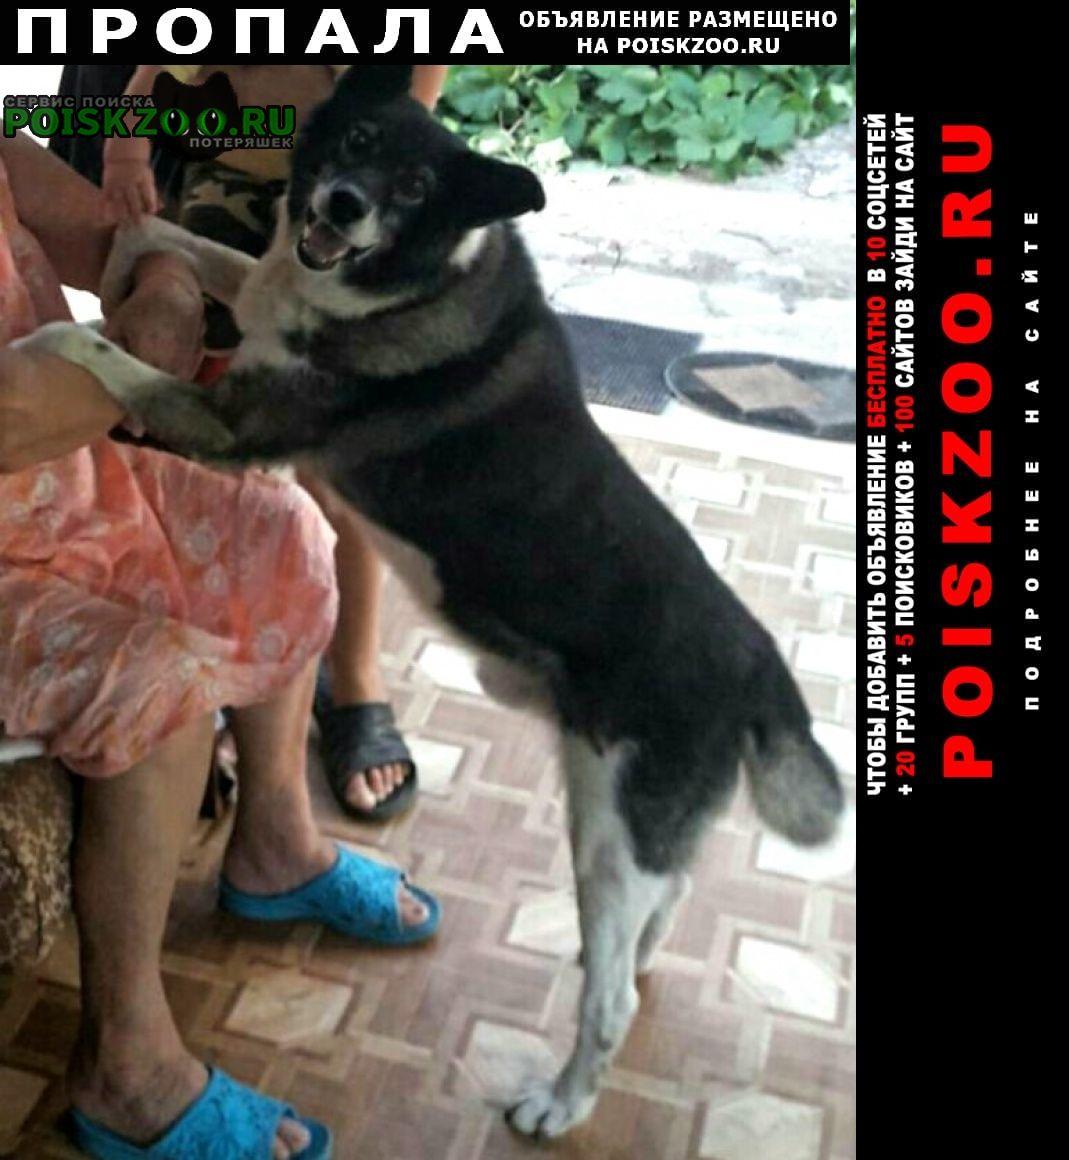 Пропала собака кобель пёс в симферополе старый город Симферополь